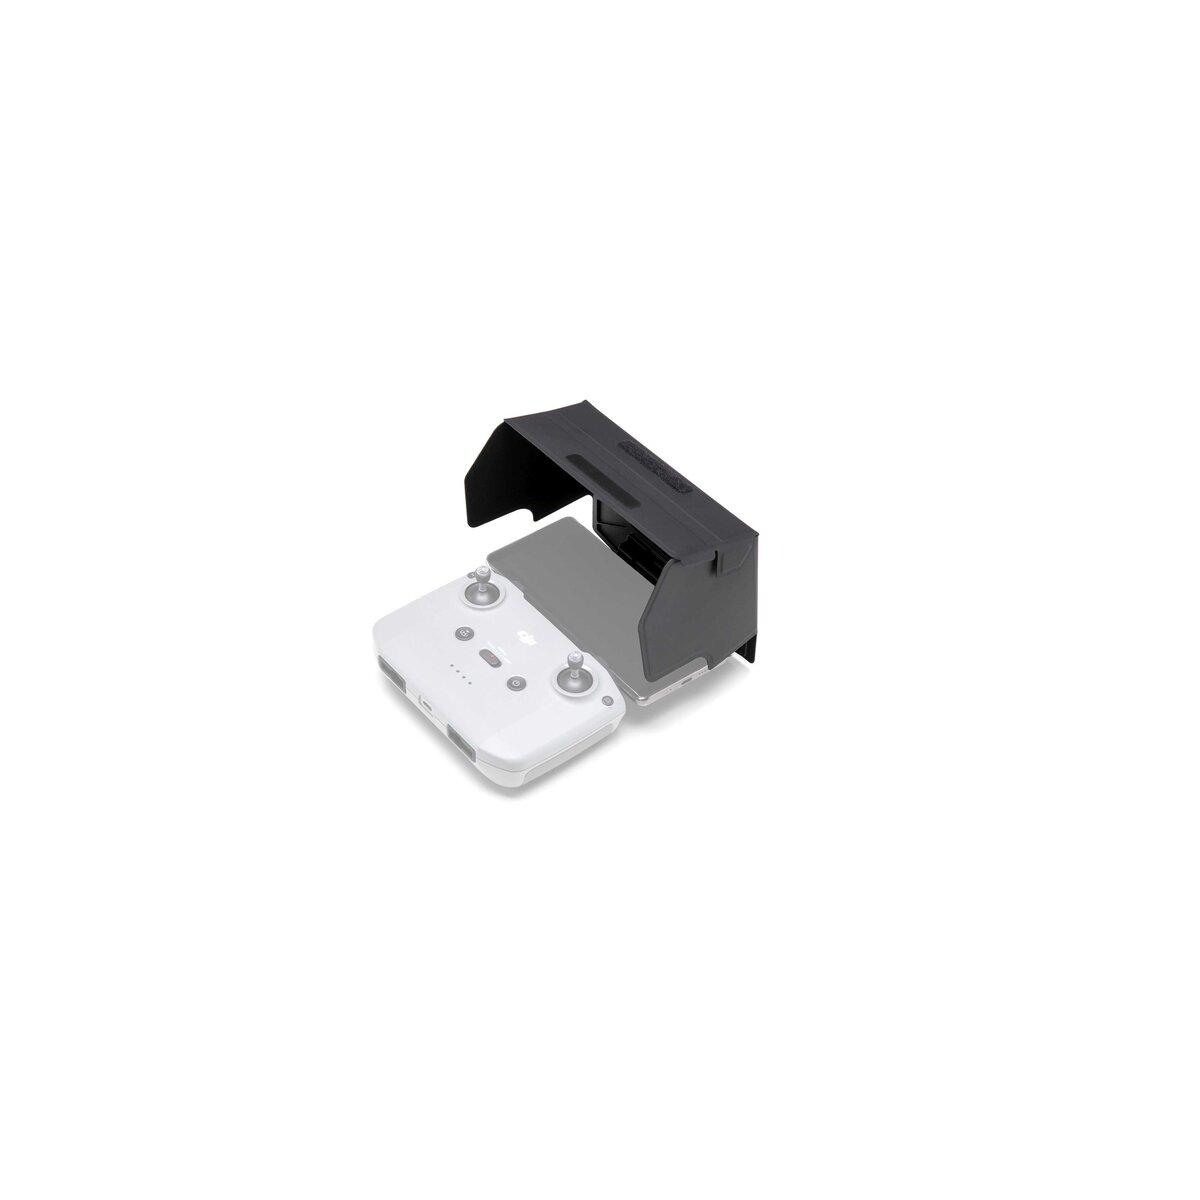 DJI Mini 2 / Mavic Air 2 / Air 2S - Smartphon e Sonnenschutz für RC-N1 Fernsteuerung